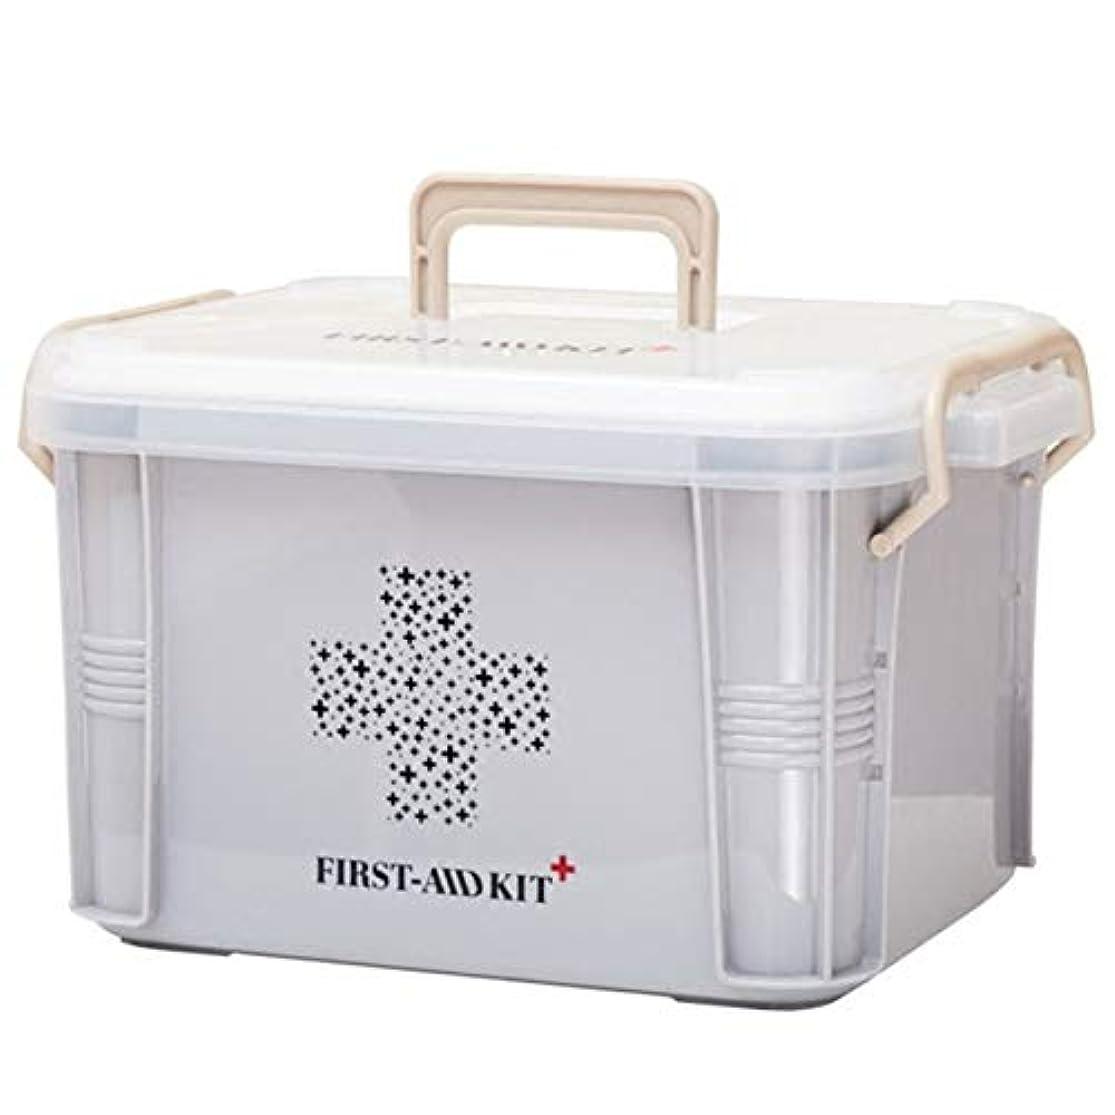 アイドル豊かにする遊びますSaikogoods コンパクトサイズのホーム用薬箱ファーストエイドキットボックスプラスチック容器救急キット大容量ストレージオーガナイザー グレー L